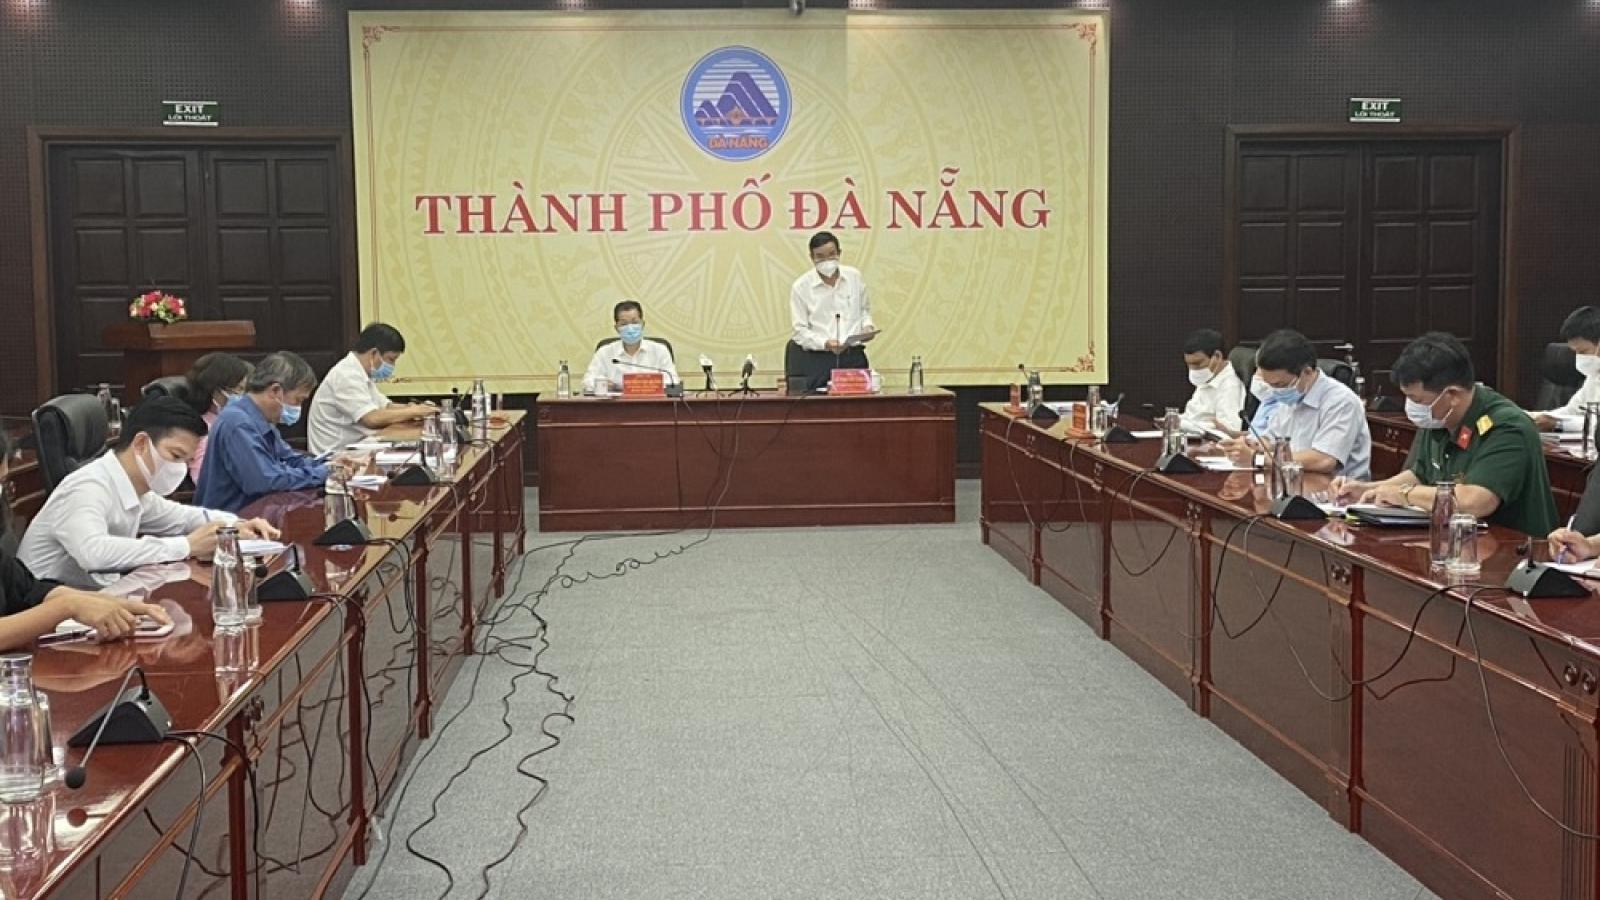 Đà Nẵng cho phép một số dịch vụ vận tải như taxi, grab, shipper hoạt động trở lại